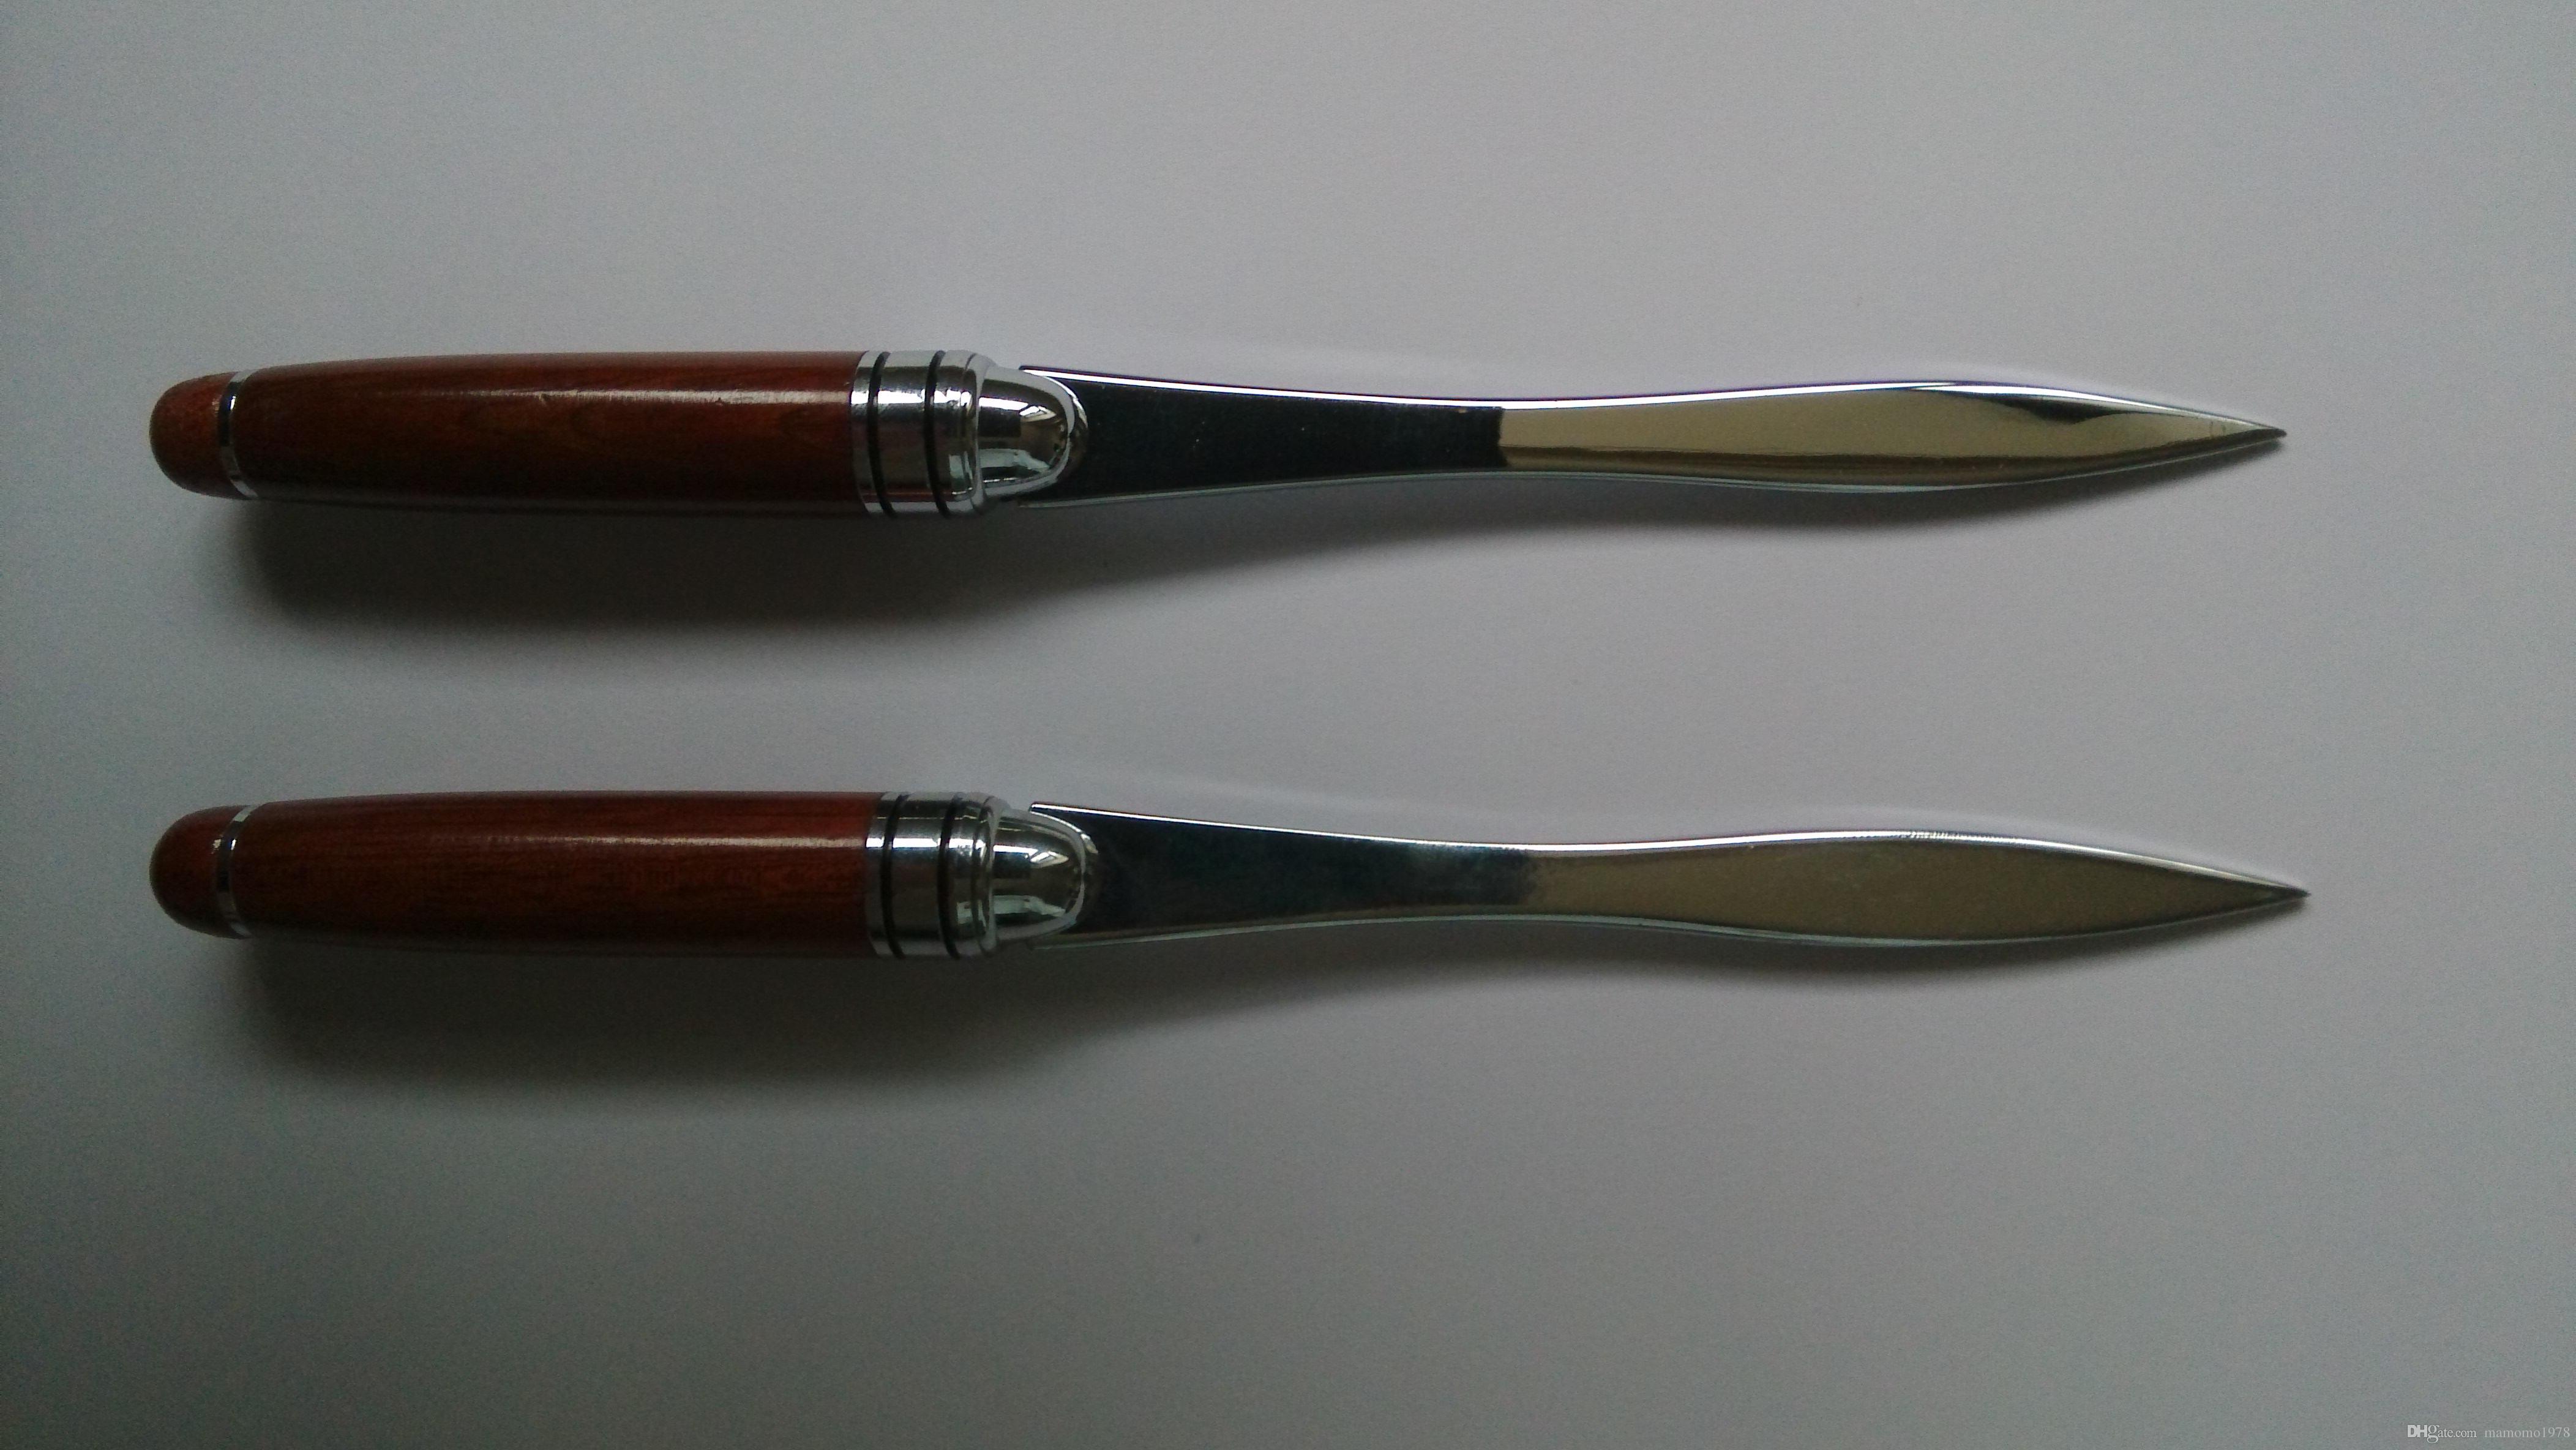 Нержавеющая сталь конверт нож Нож для бумаги нож для вскрытия писем с красной металлической ручкой металл ремесло горячий продавать P041